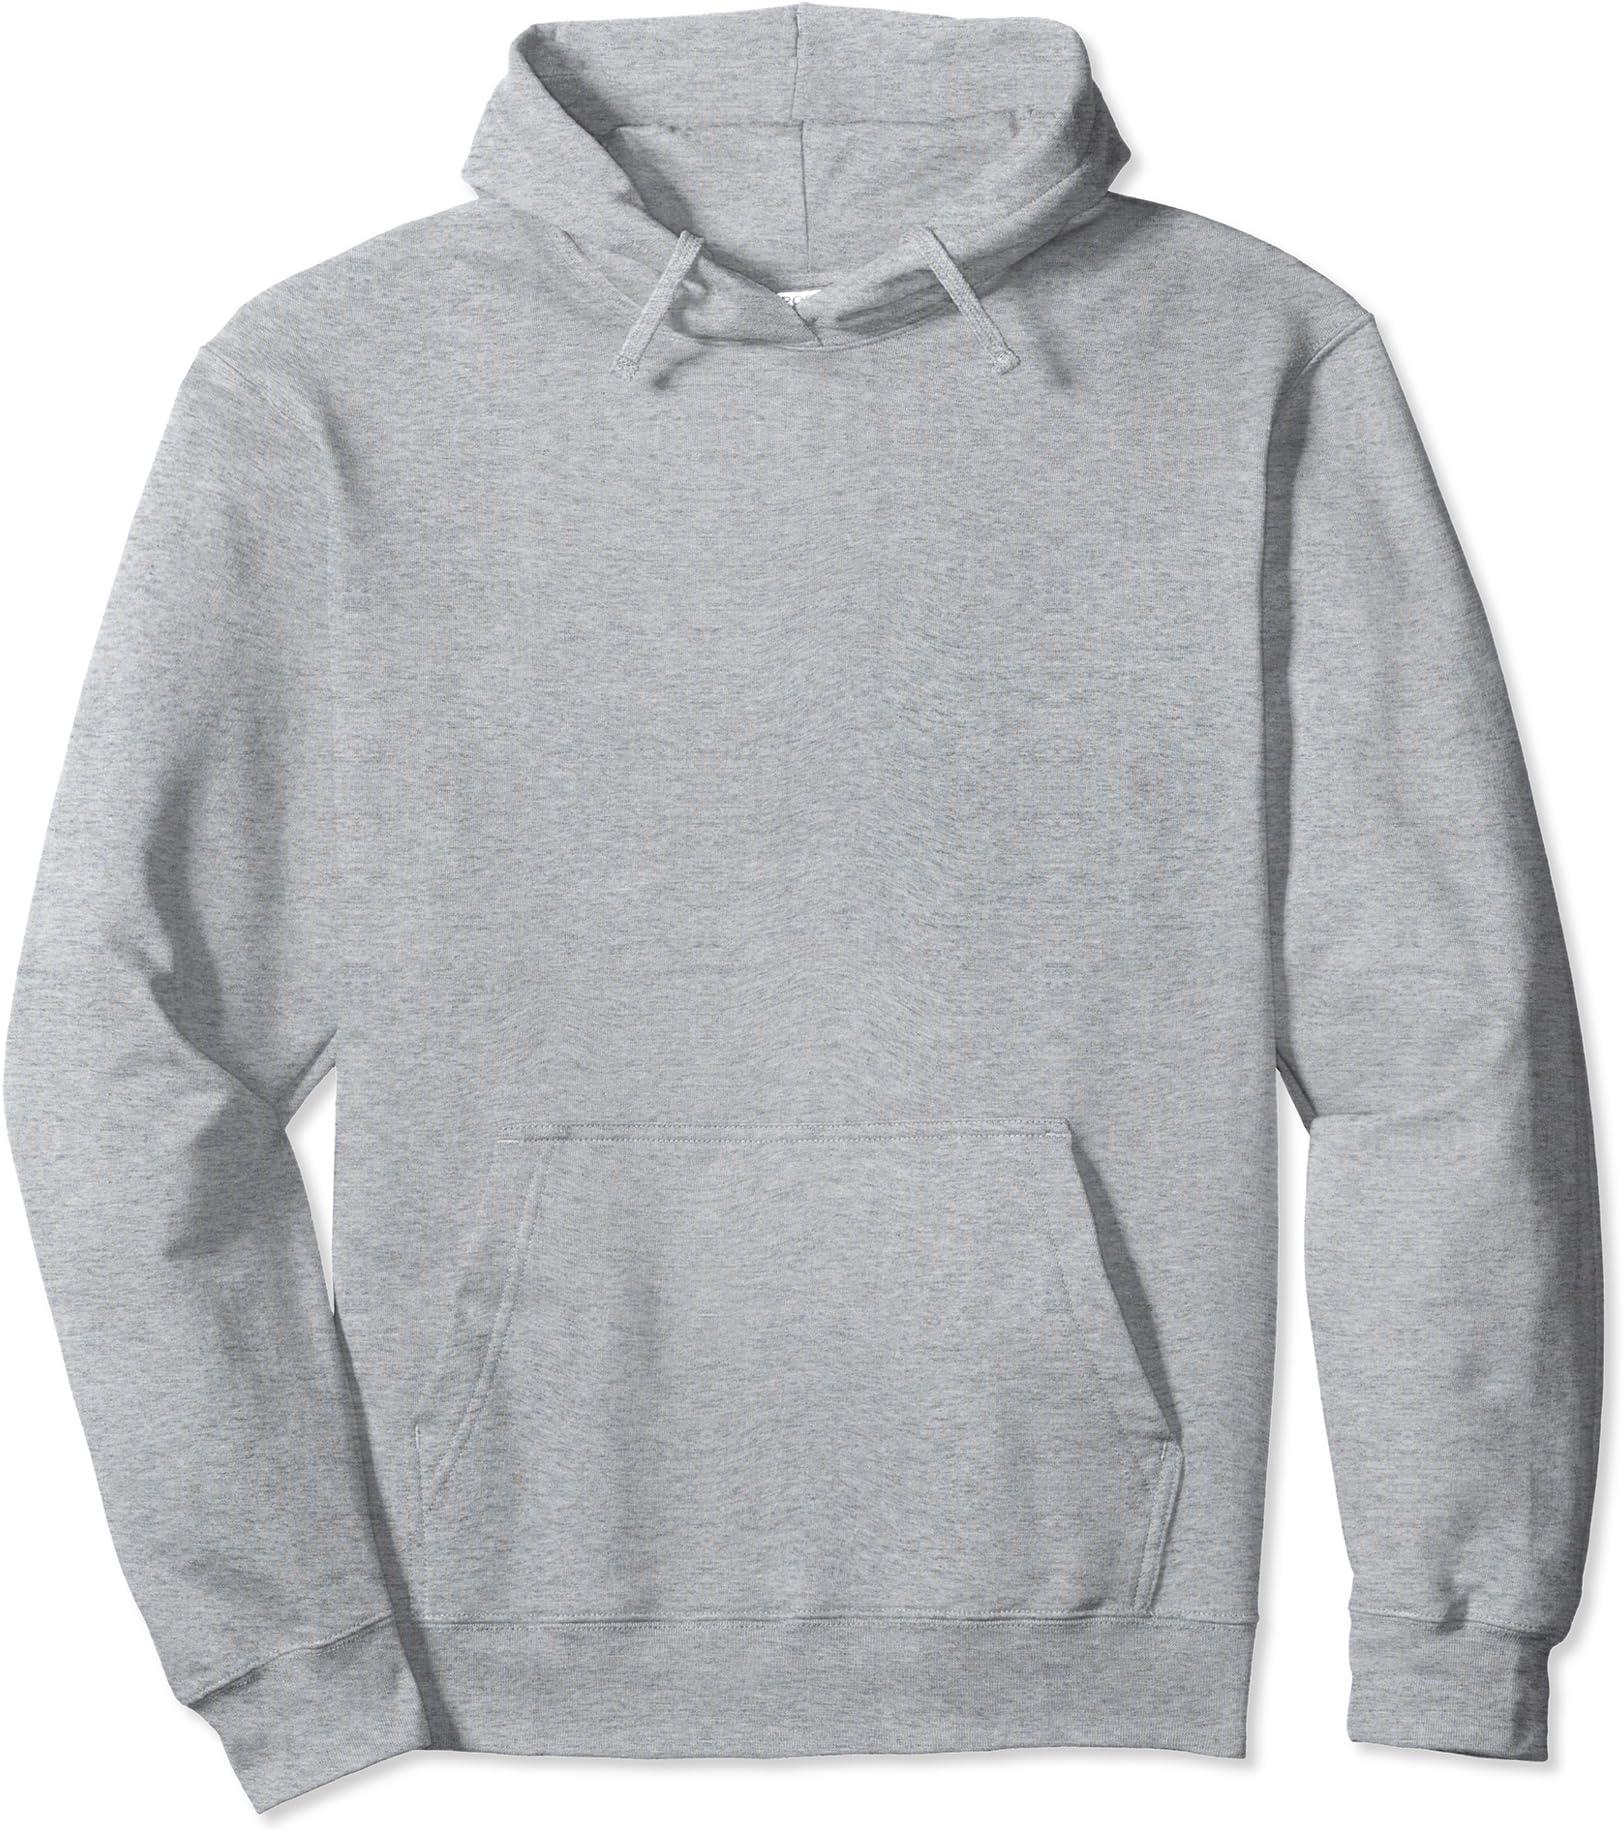 Sweatshirt Love It or Leave It Sons Of Liberty Hoodie